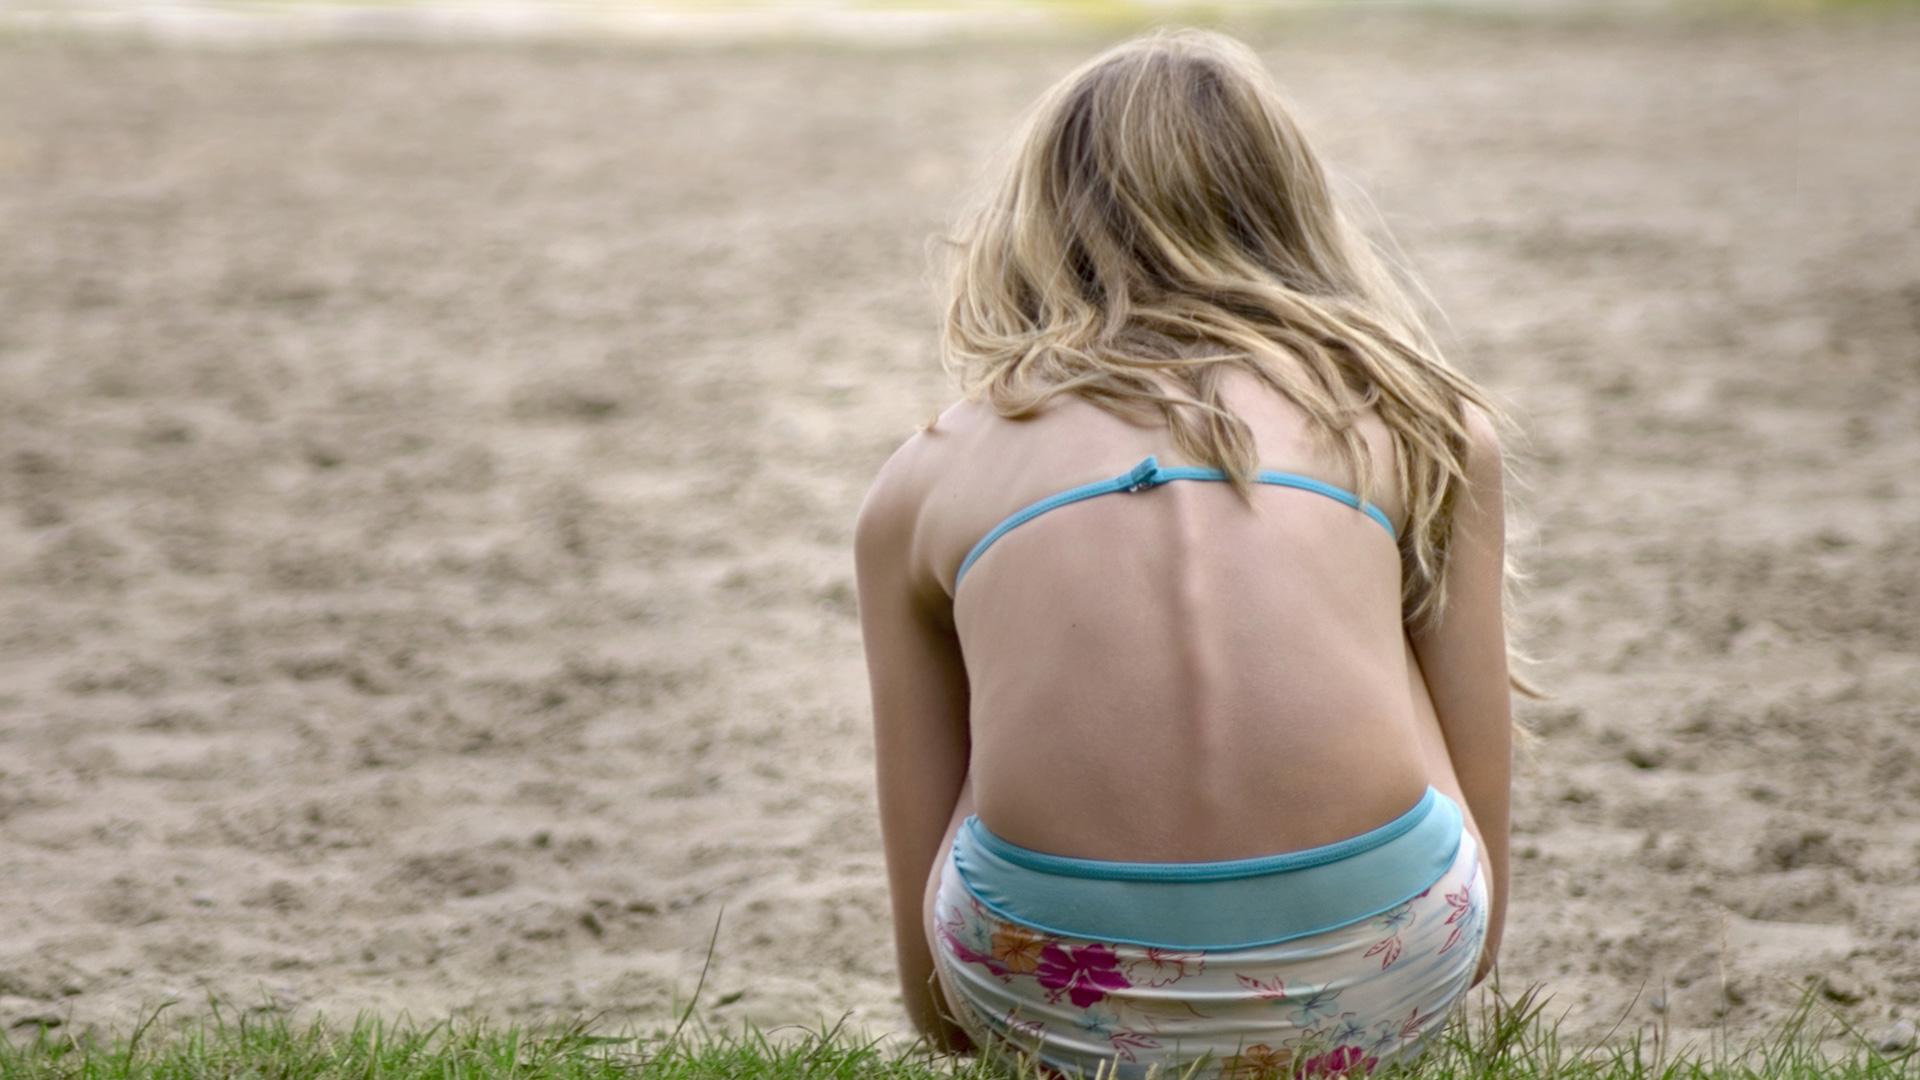 Sad thin girl